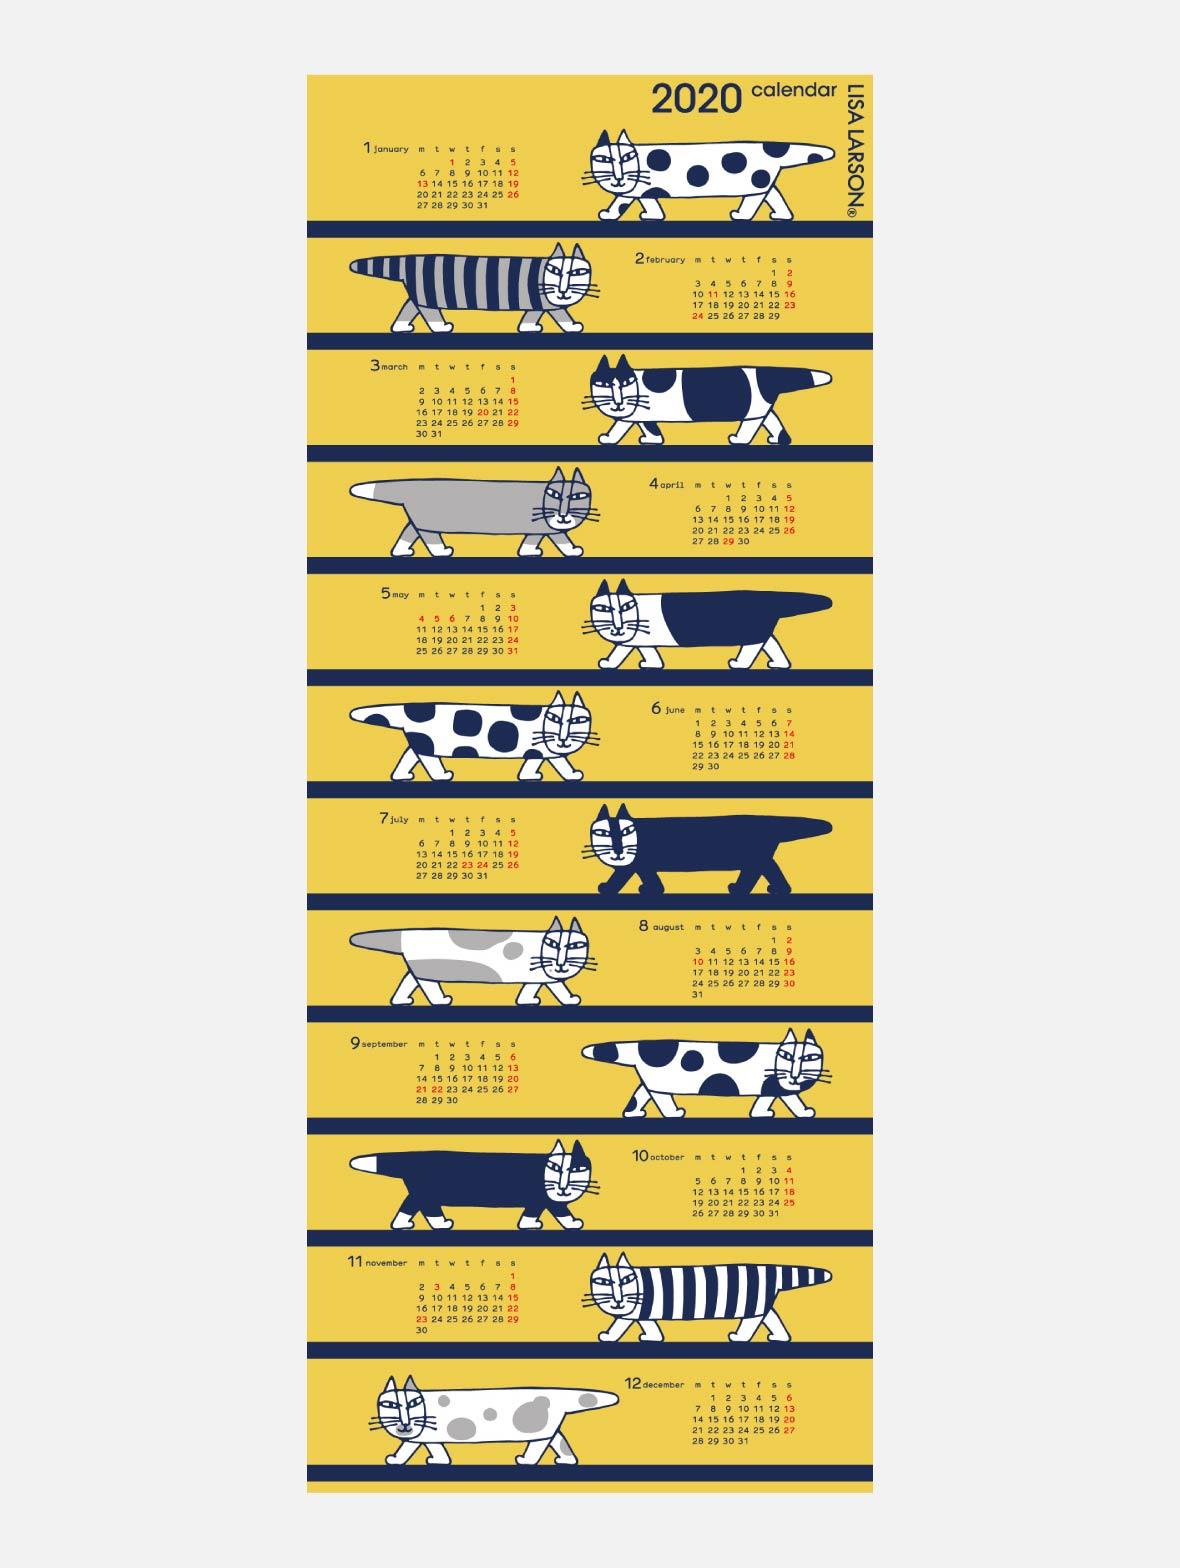 【TK】てぬぐいカレンダー2020(lots of cats)